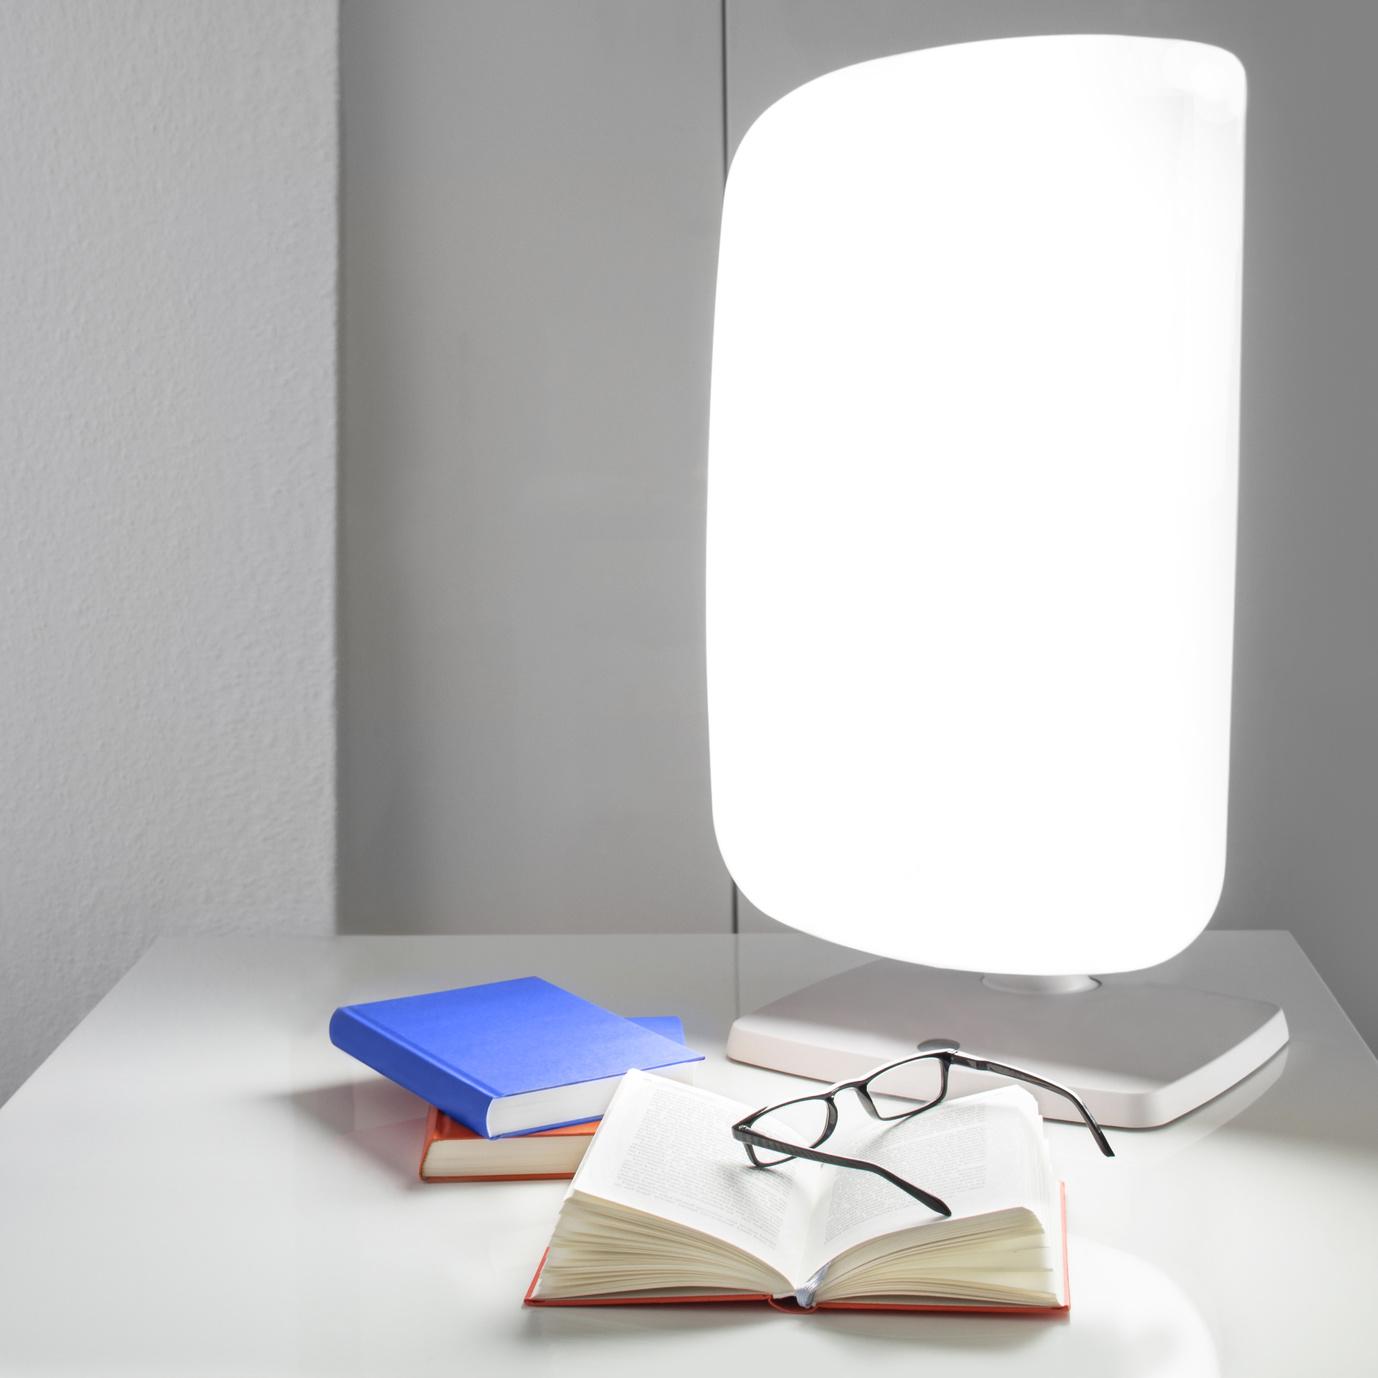 Luminothérapie : de la lumière contre le blues de l'hiver !